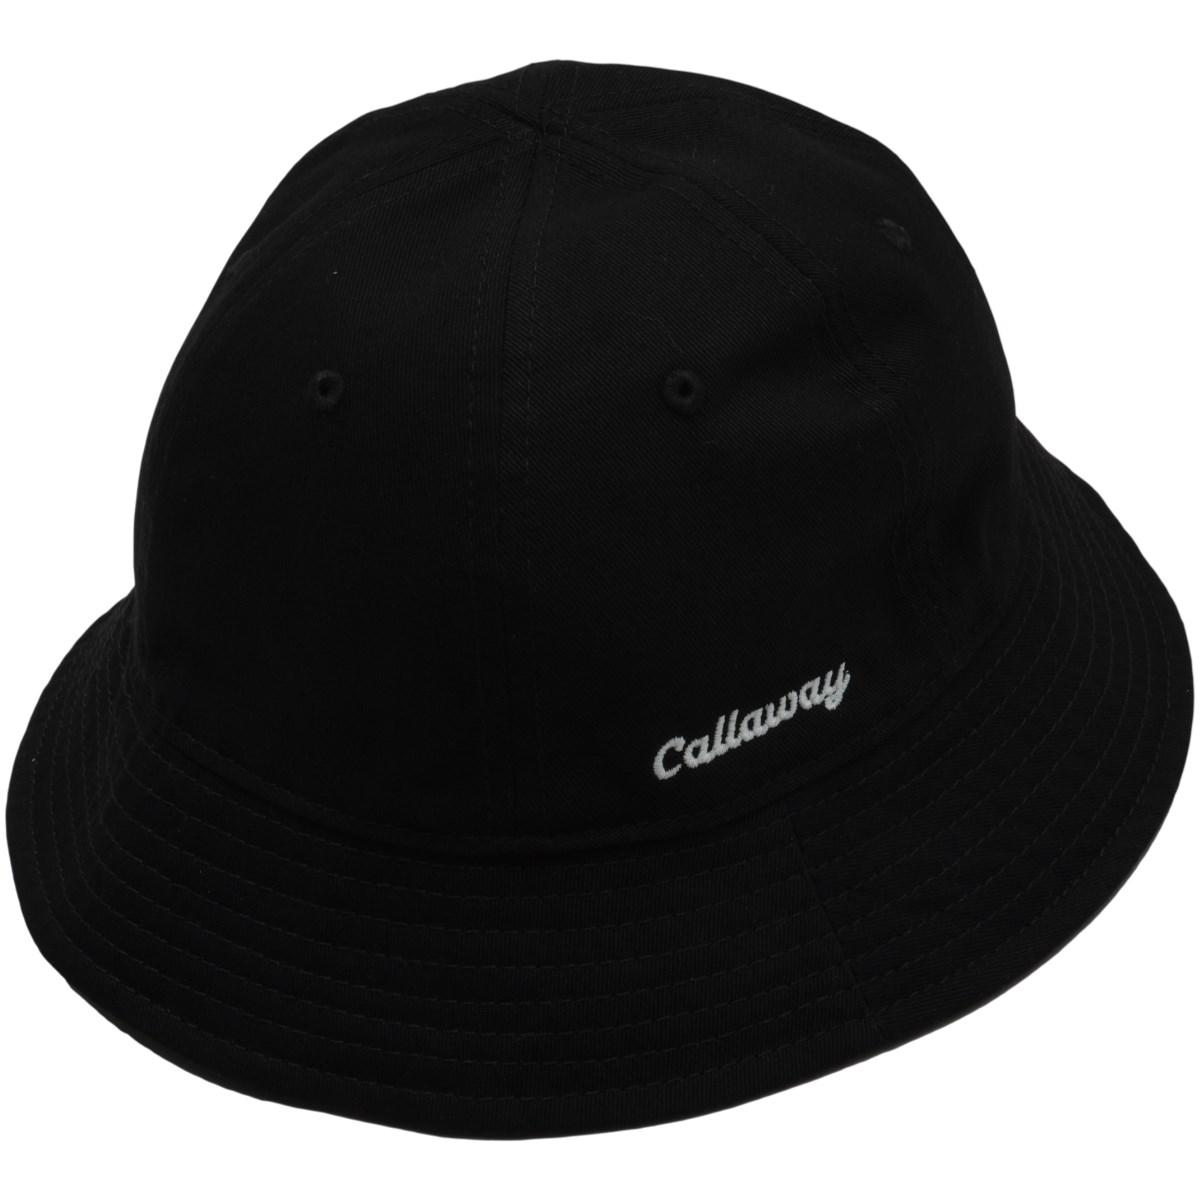 キャロウェイゴルフ Callaway Golf ベルハット フリー ブラック 010 レディス